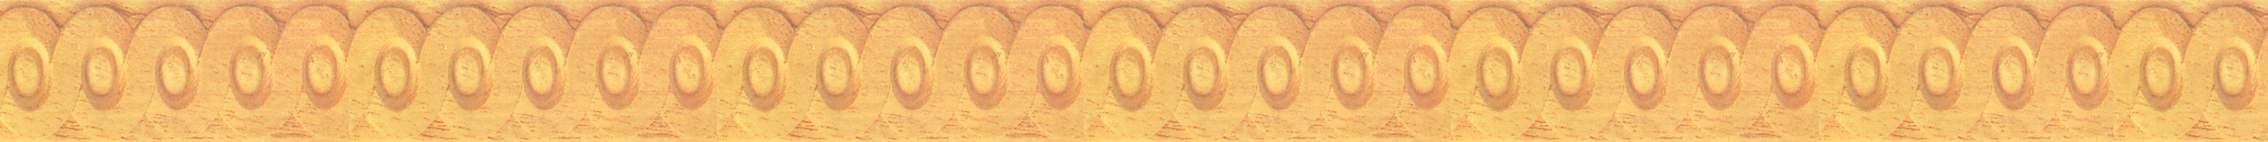 木线贴图素材的图片【642】